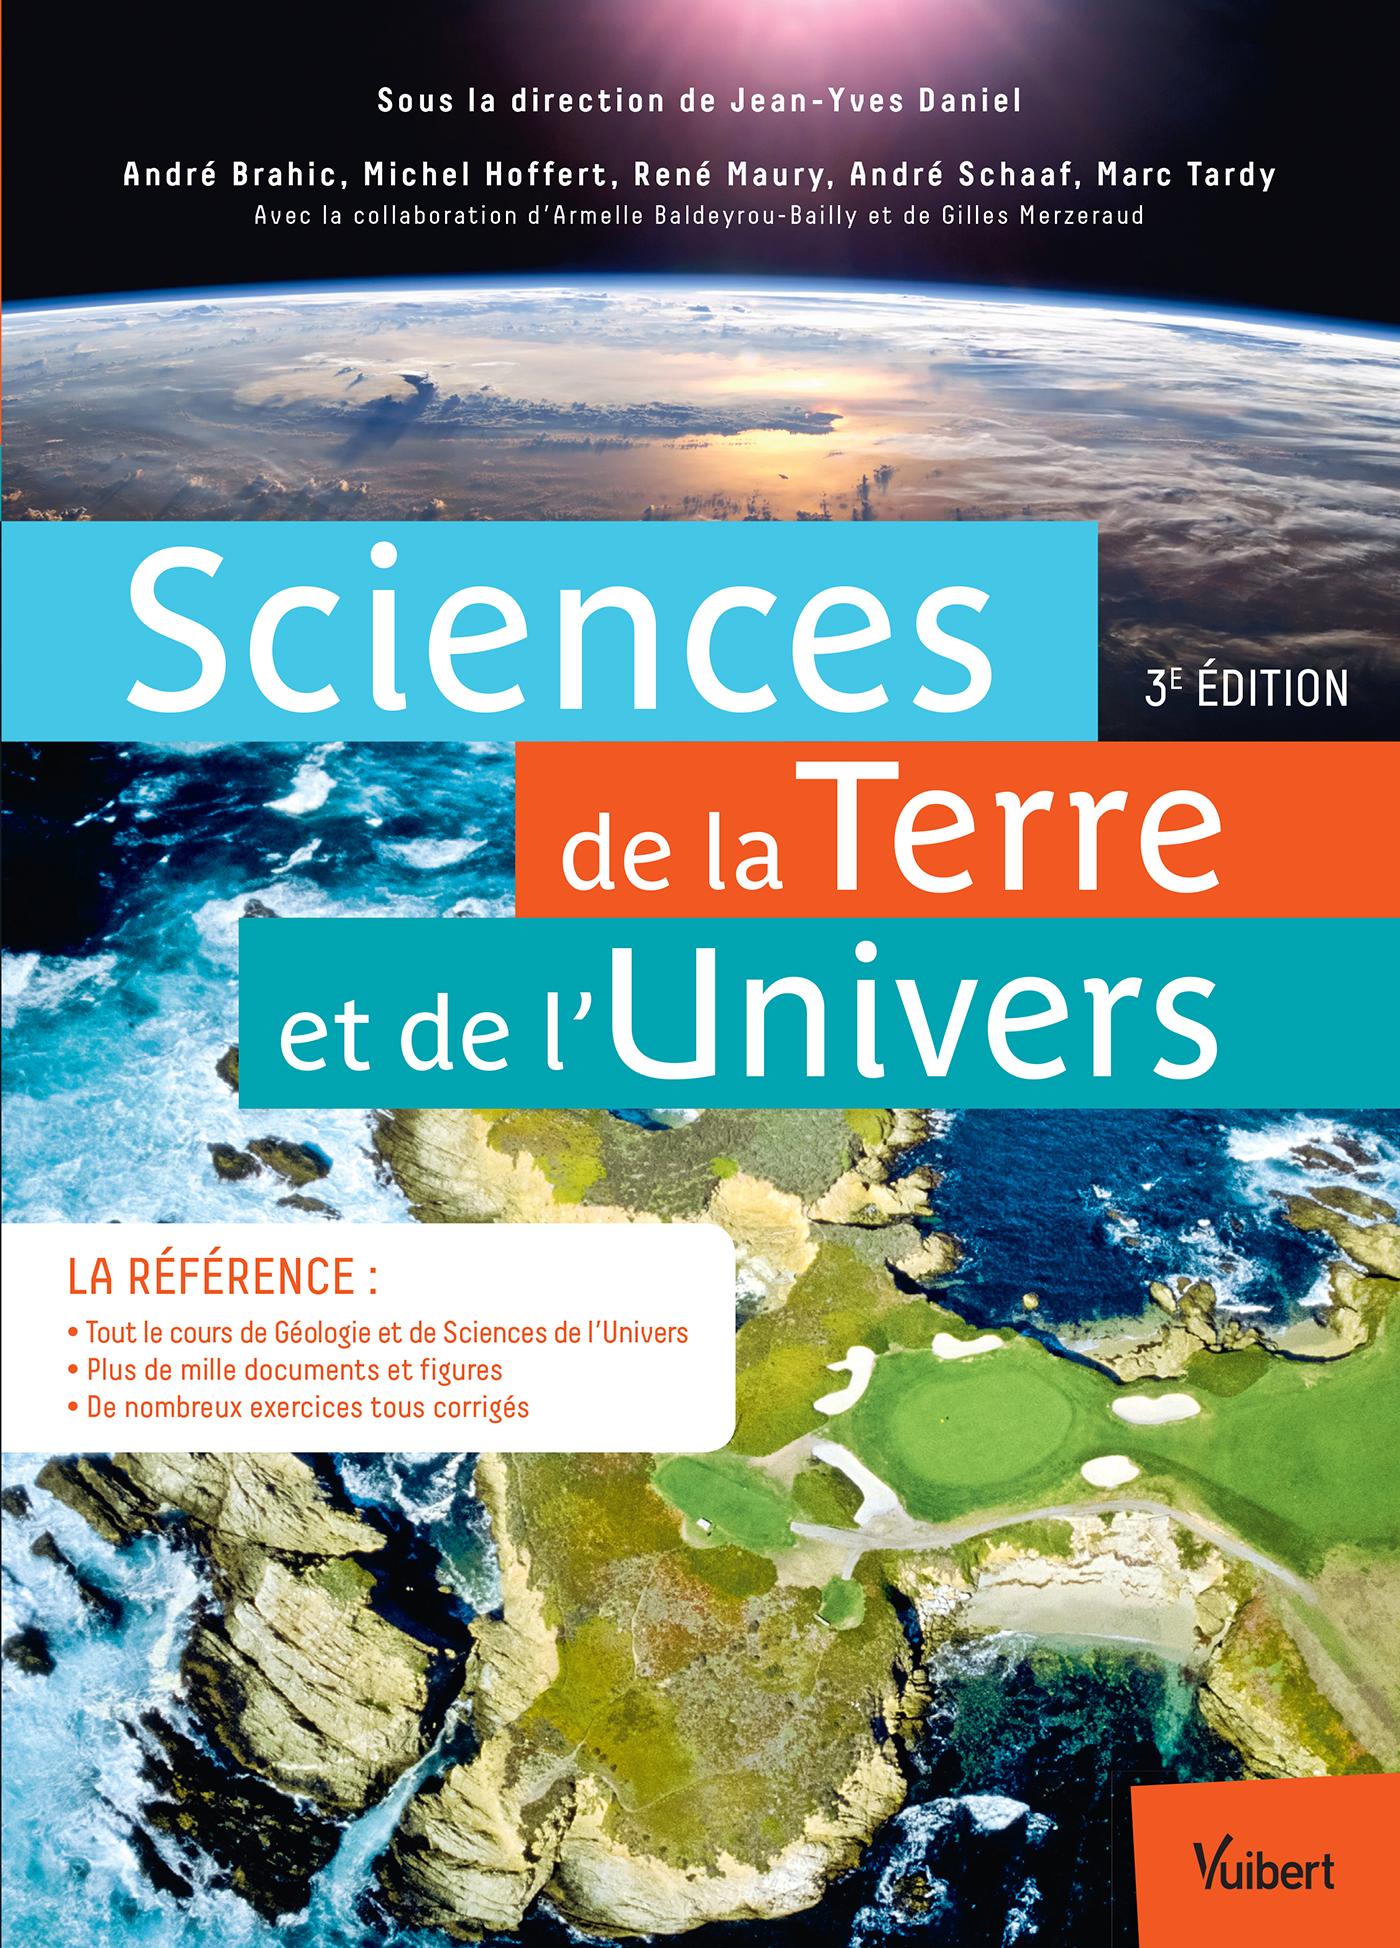 SCIENCES DE LA TERRE ET DE L'UNIVERS 3E EDT